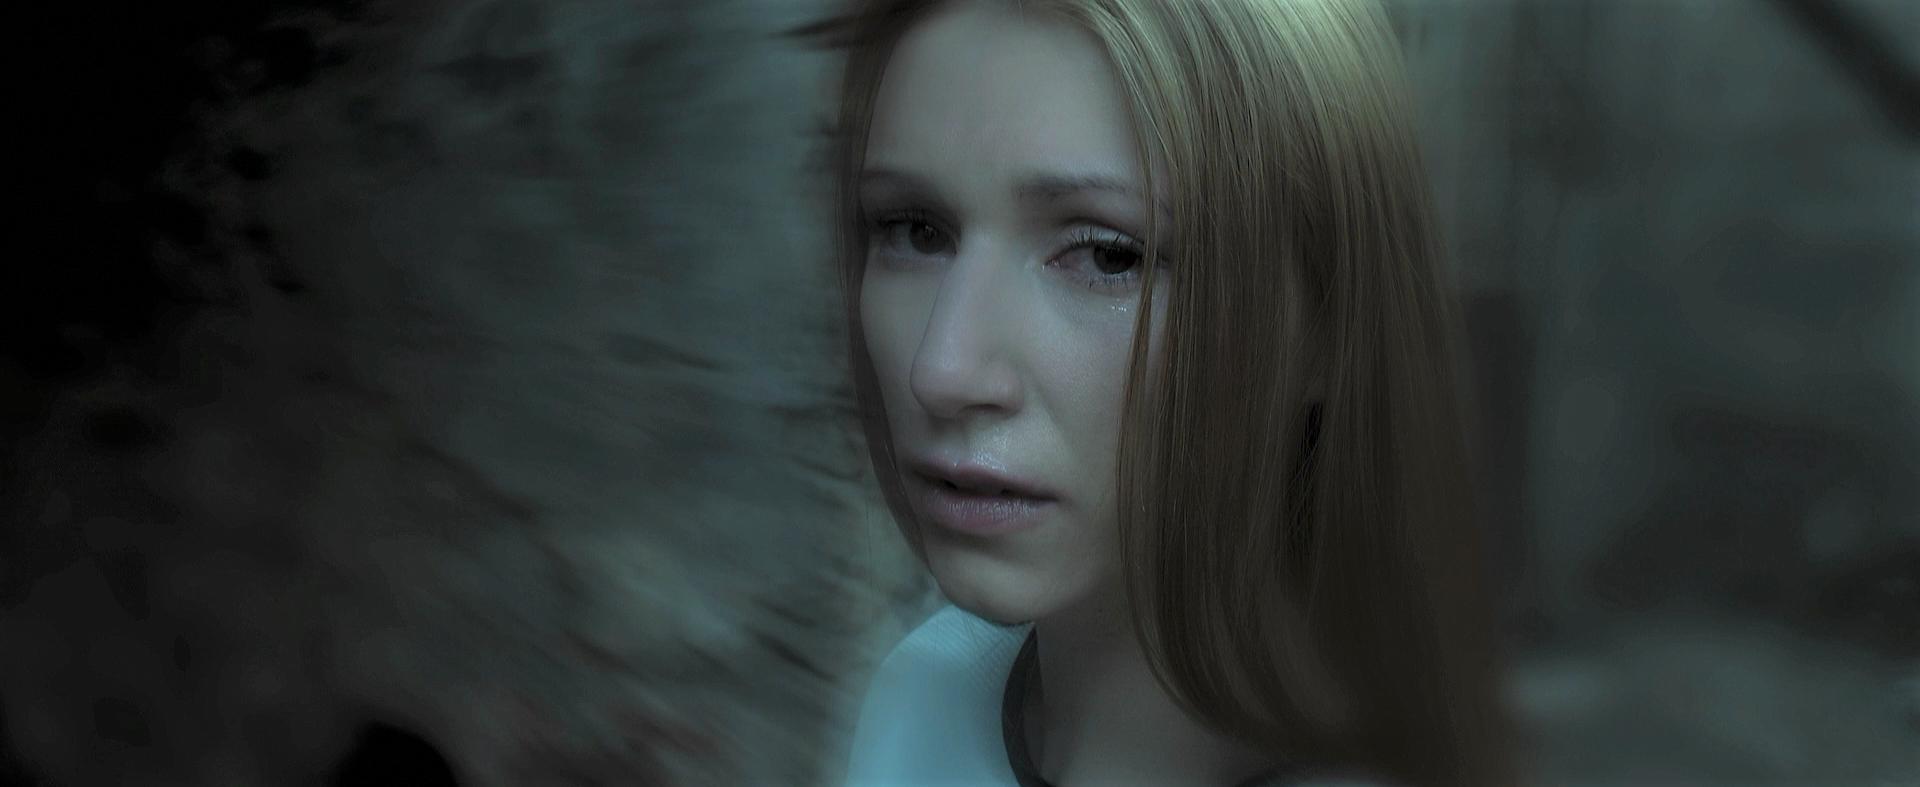 Macarena Carrere in Trauma (2017)